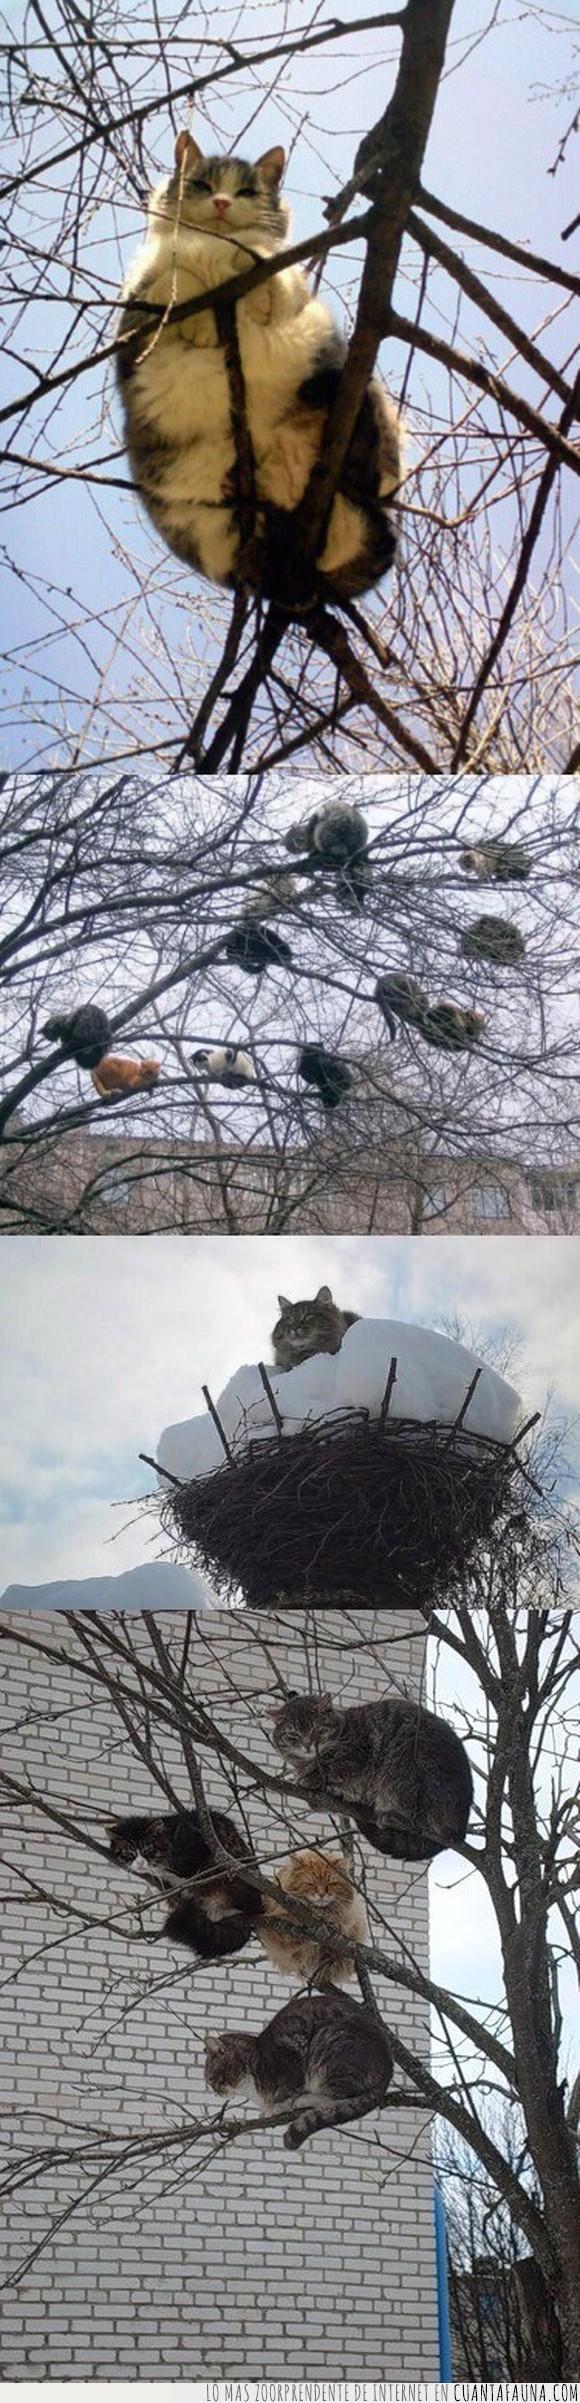 árboles,gatos,nidos